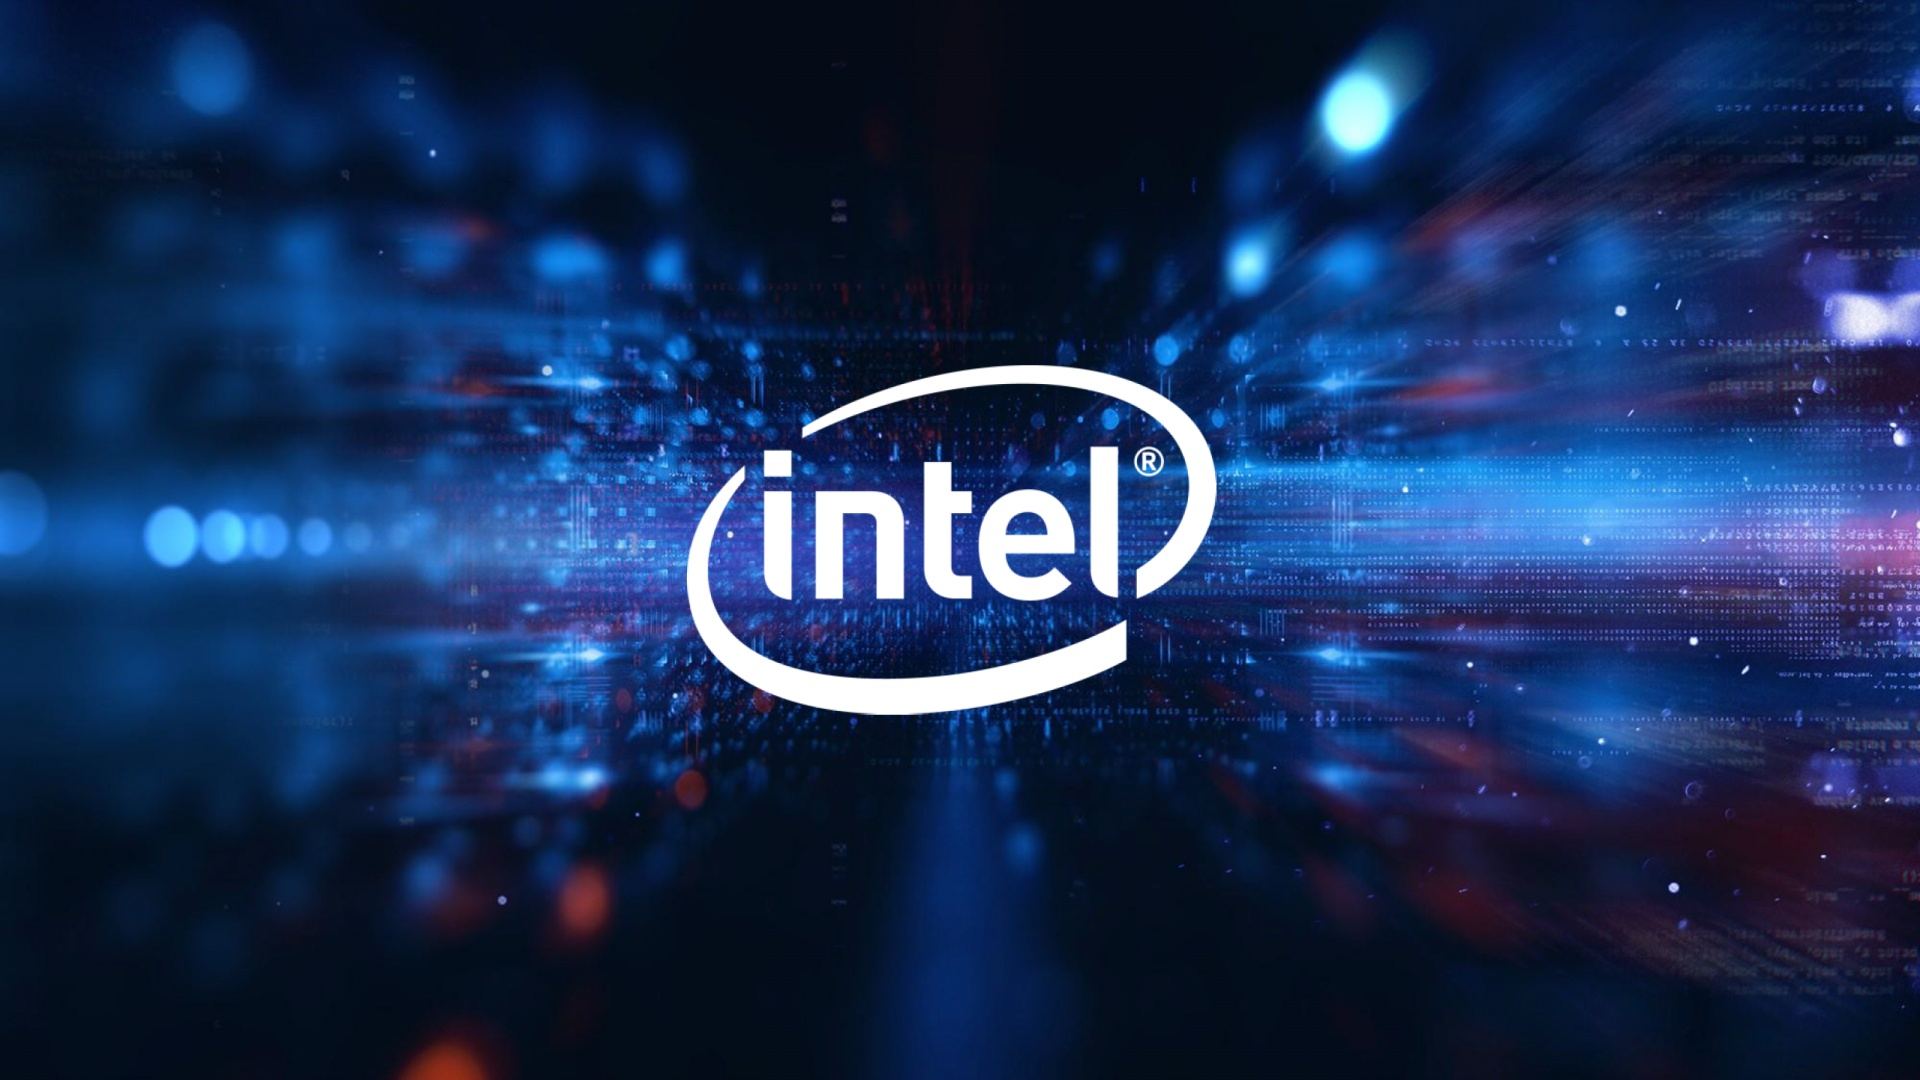 Утечка указывает, что i9 10900K будет на 30% быстрее i9 9900K